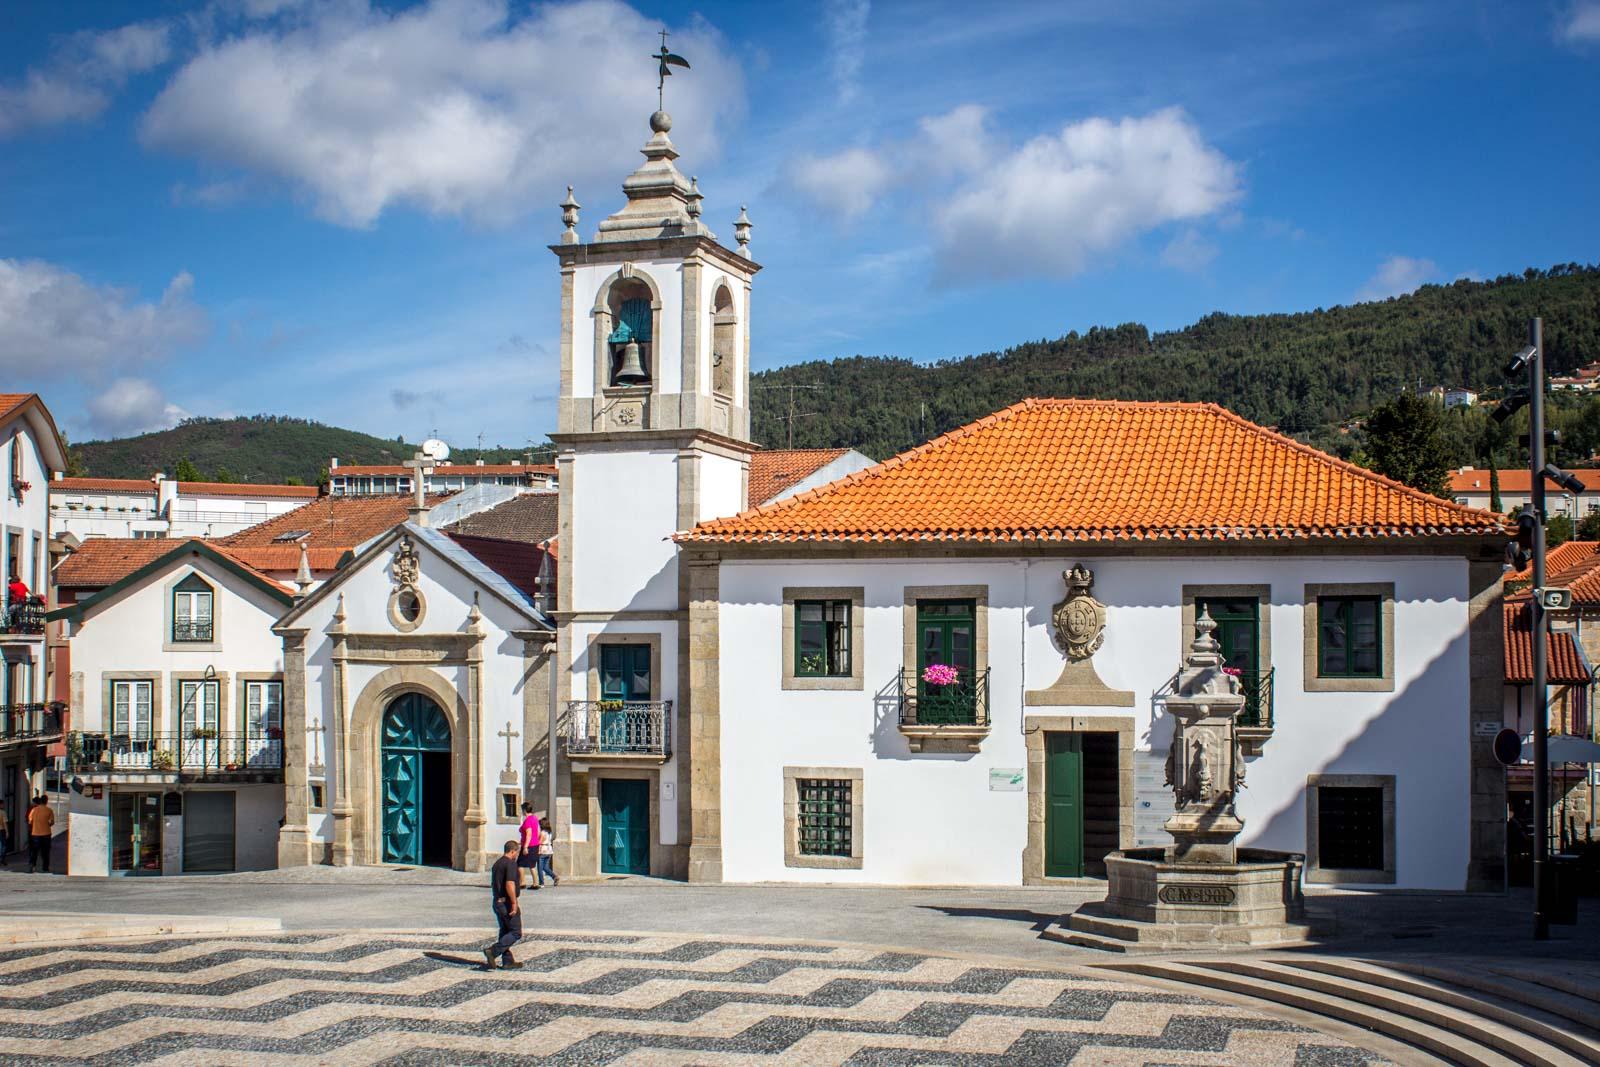 Sao Pedro Monastery, Arouca, Portugal